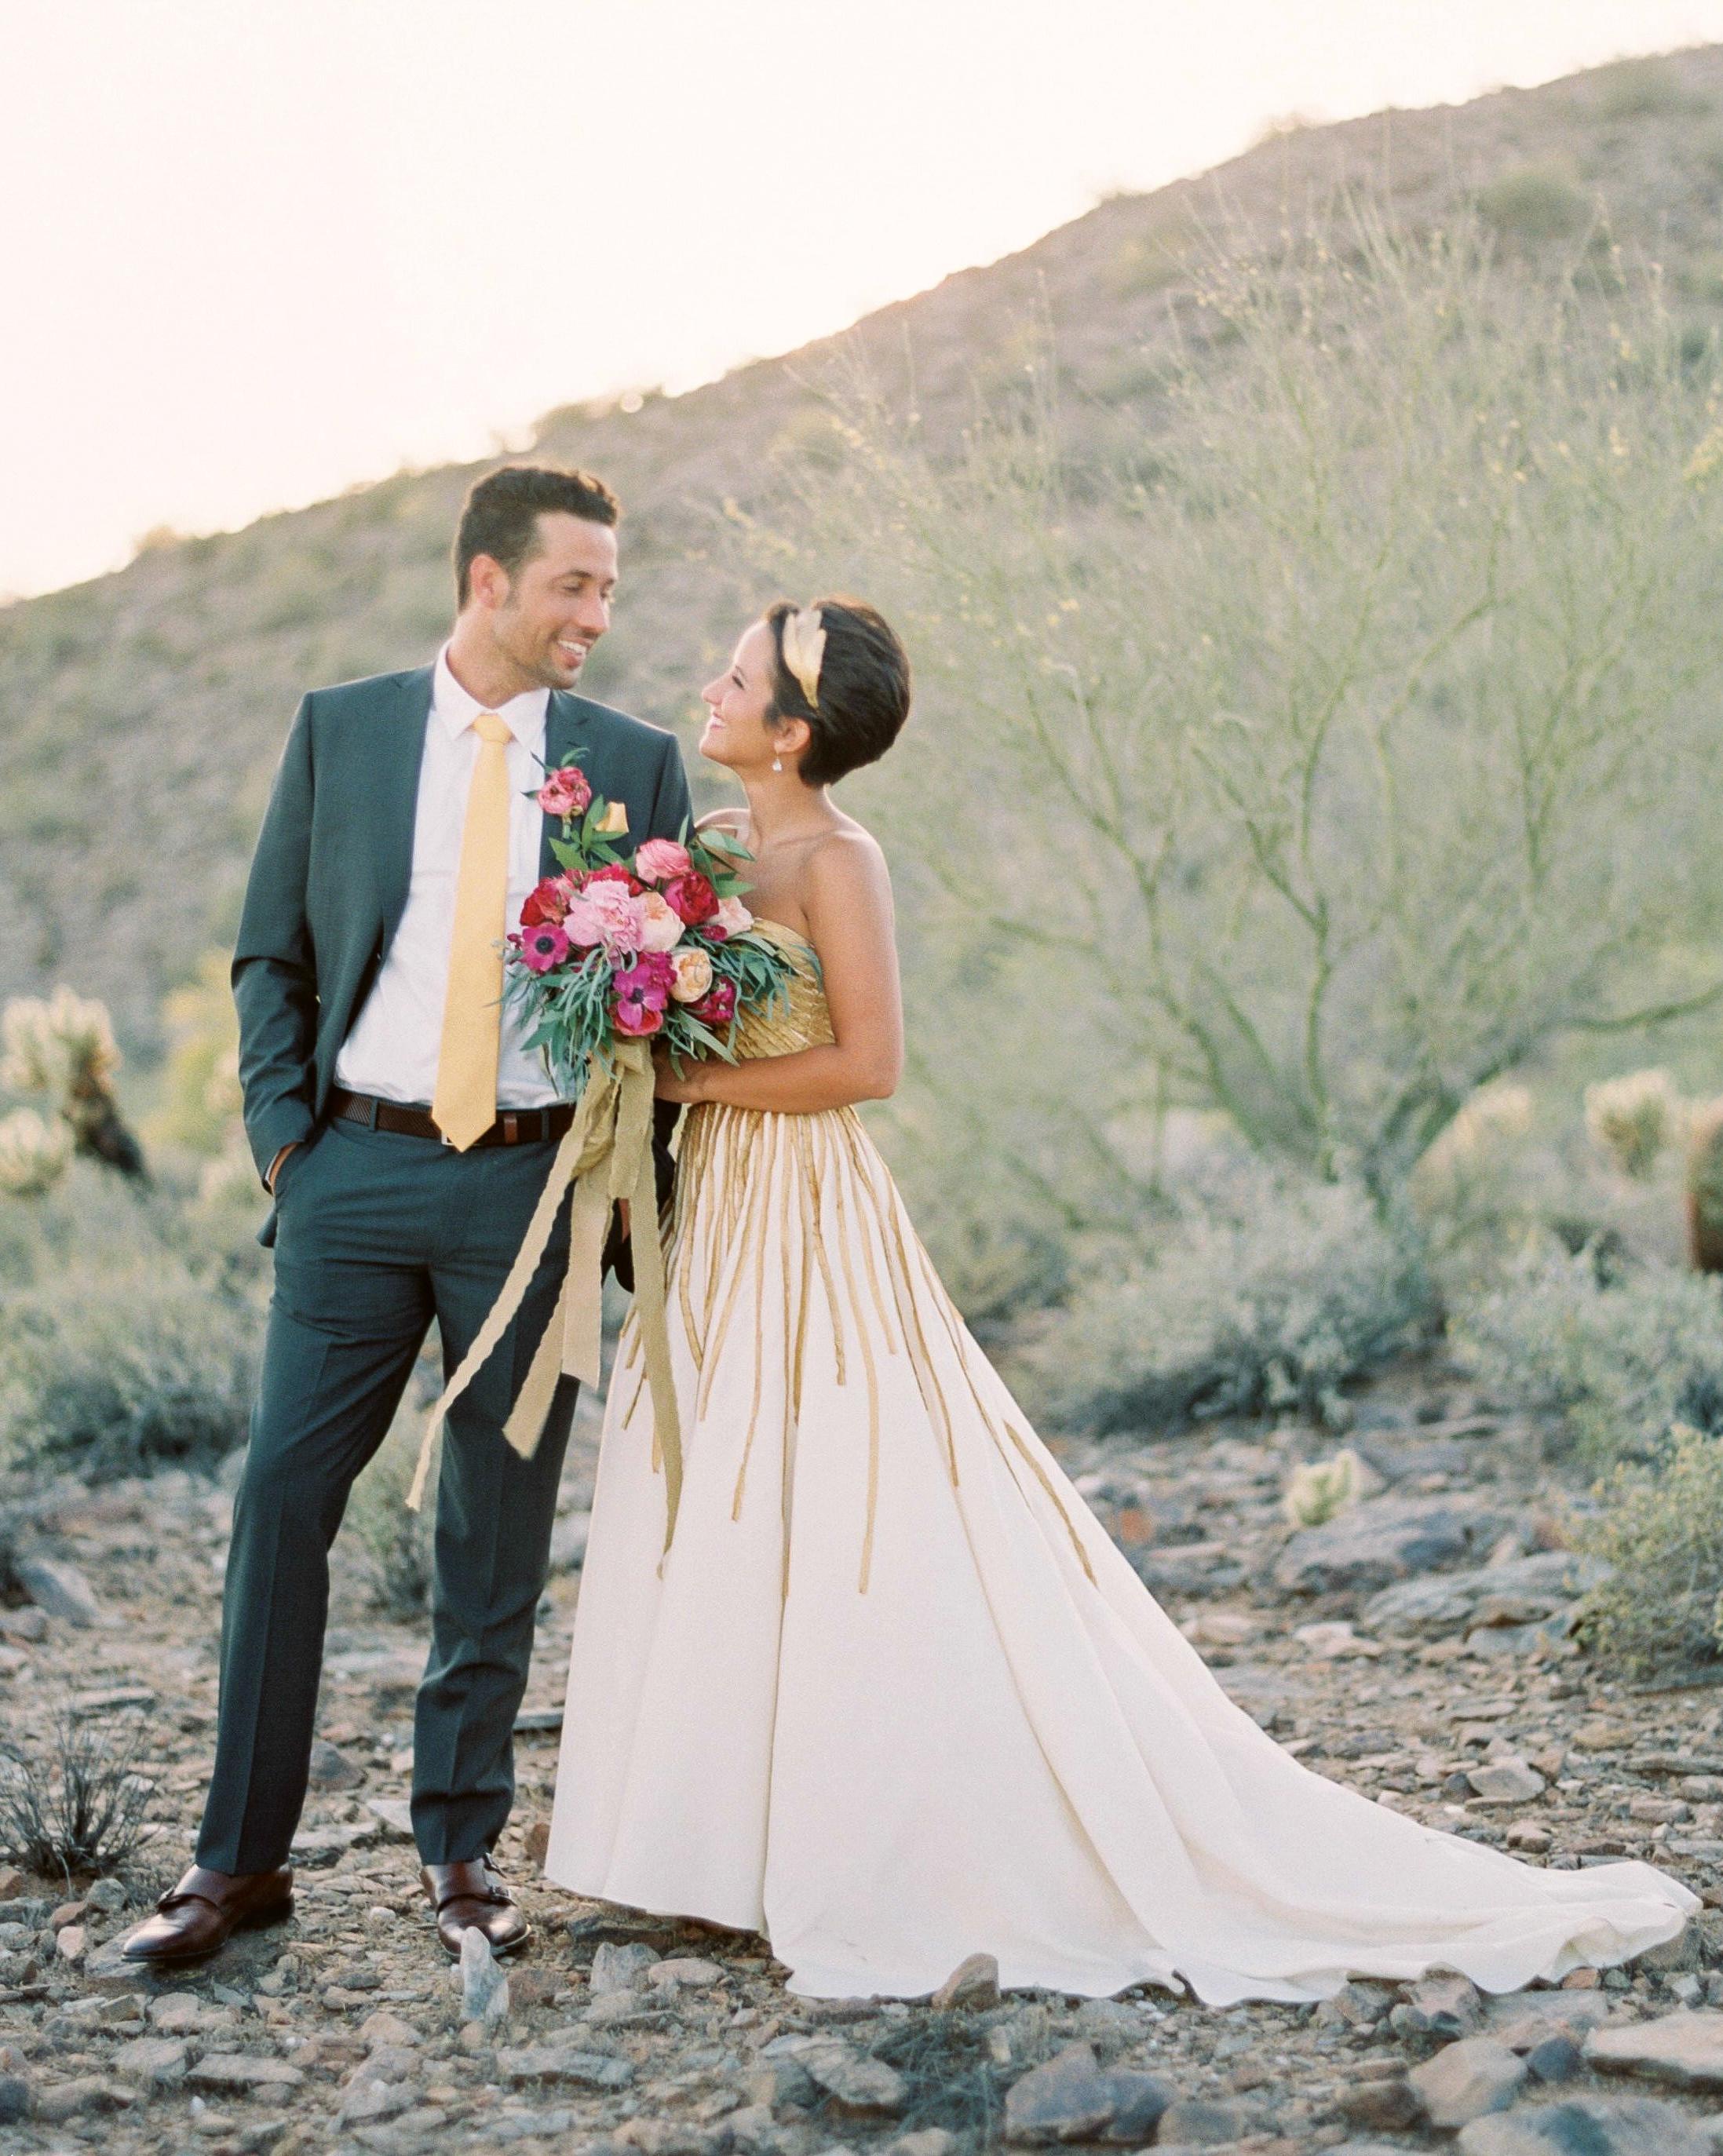 jessejo-daniel-wedding-couple-368-s112302-1015.jpg